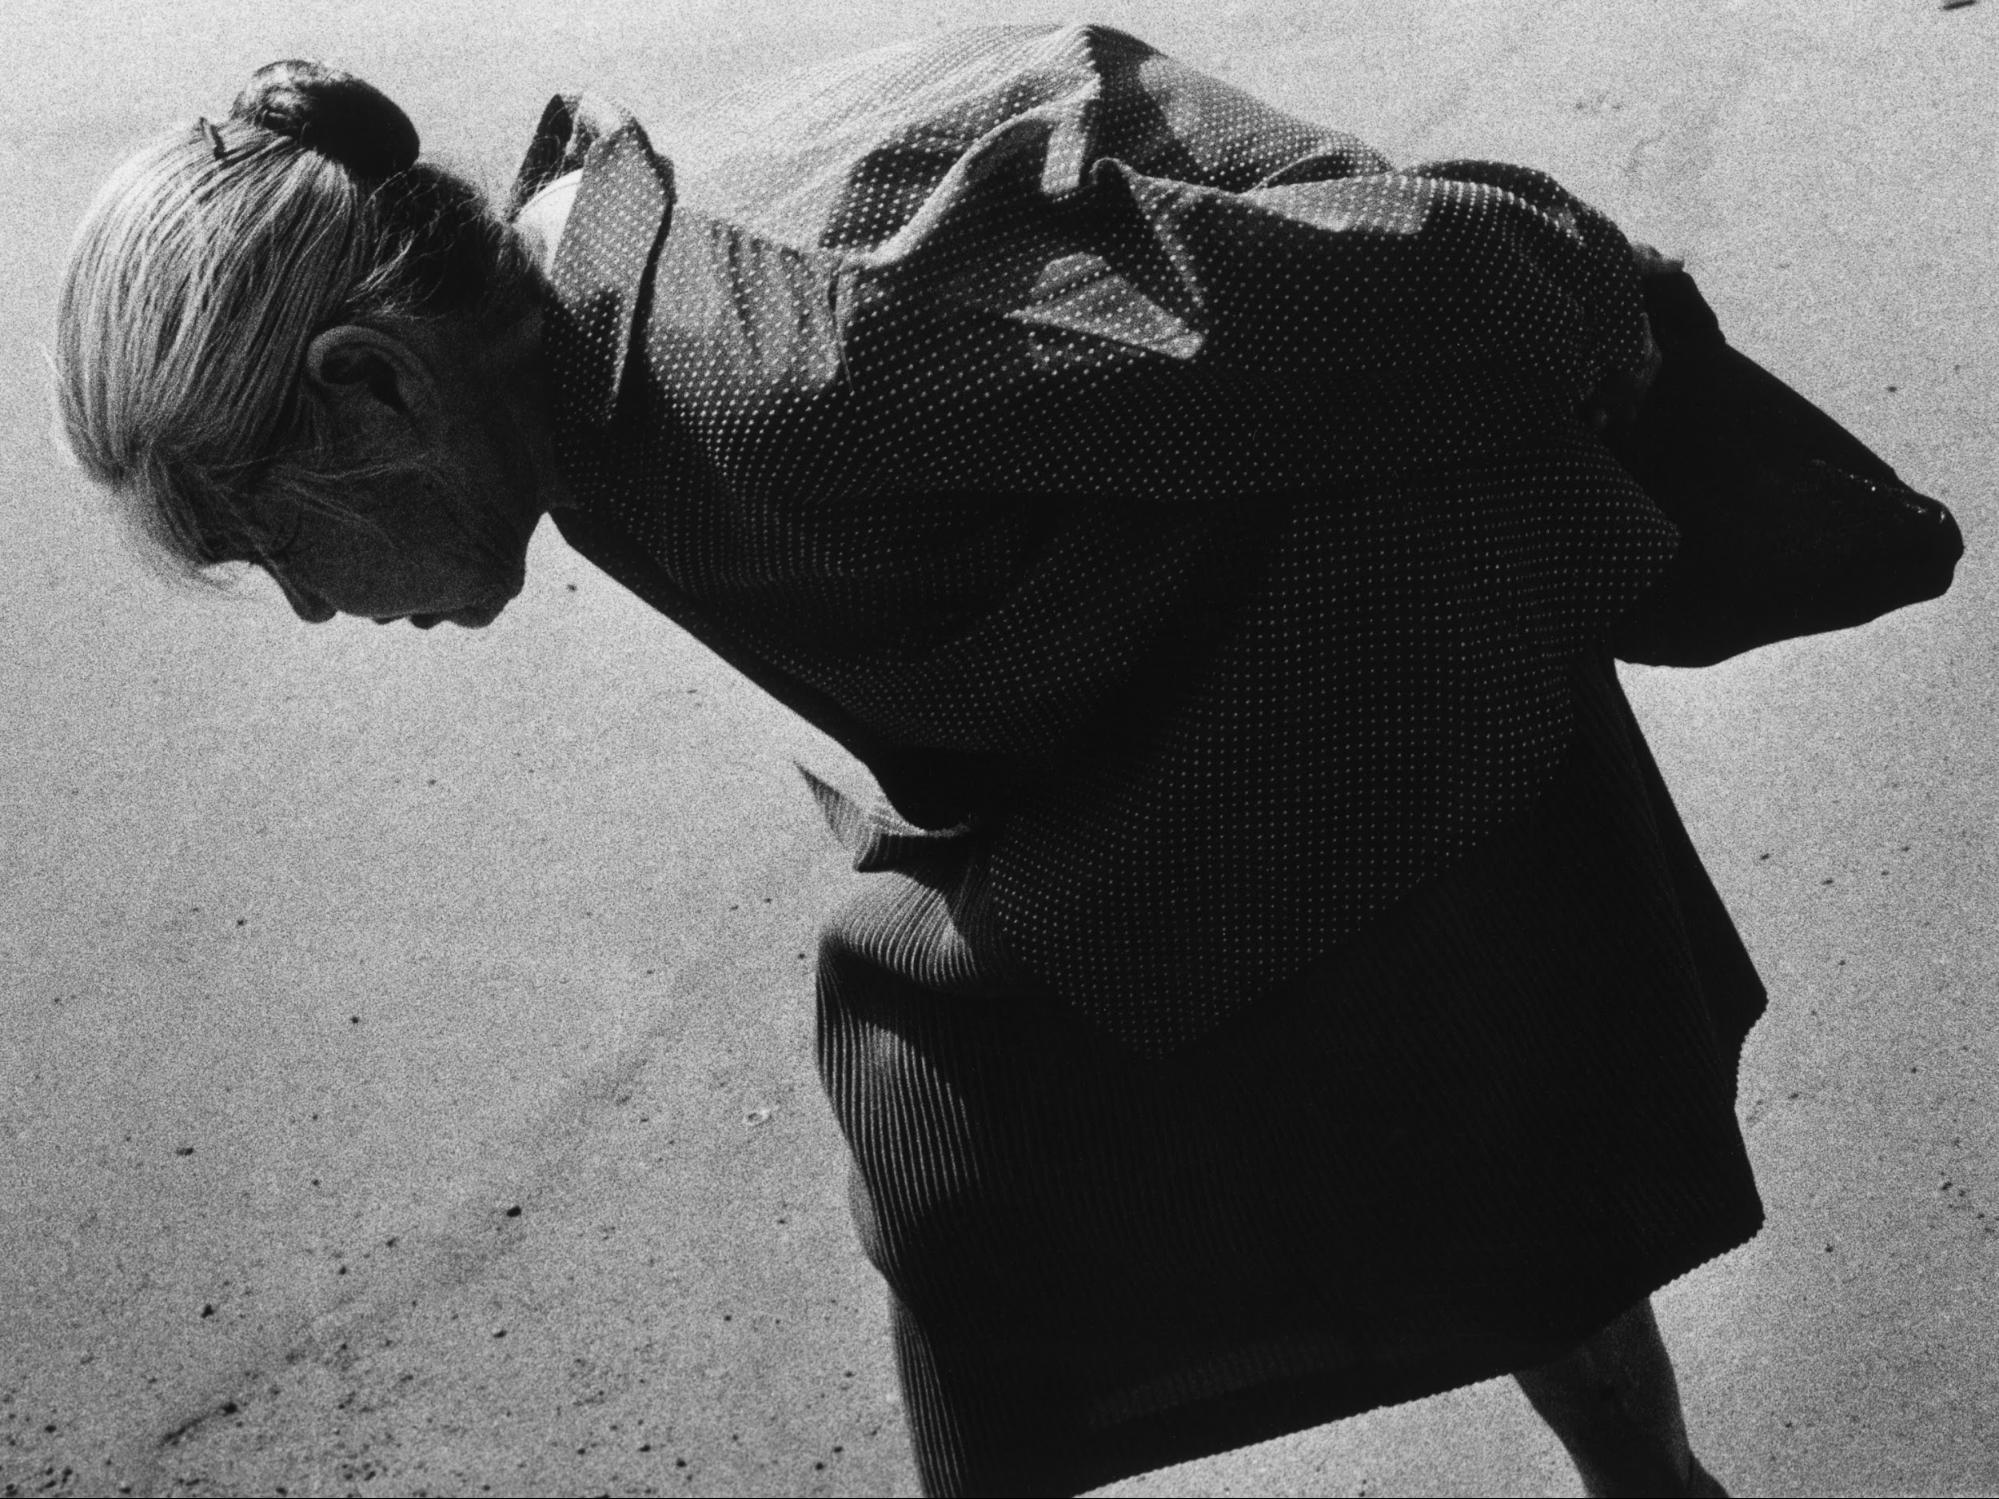 ritratto in bianco e nero di una donna anziana che cammina a Tokyo, Giappone. Fotografia di Issei Suda